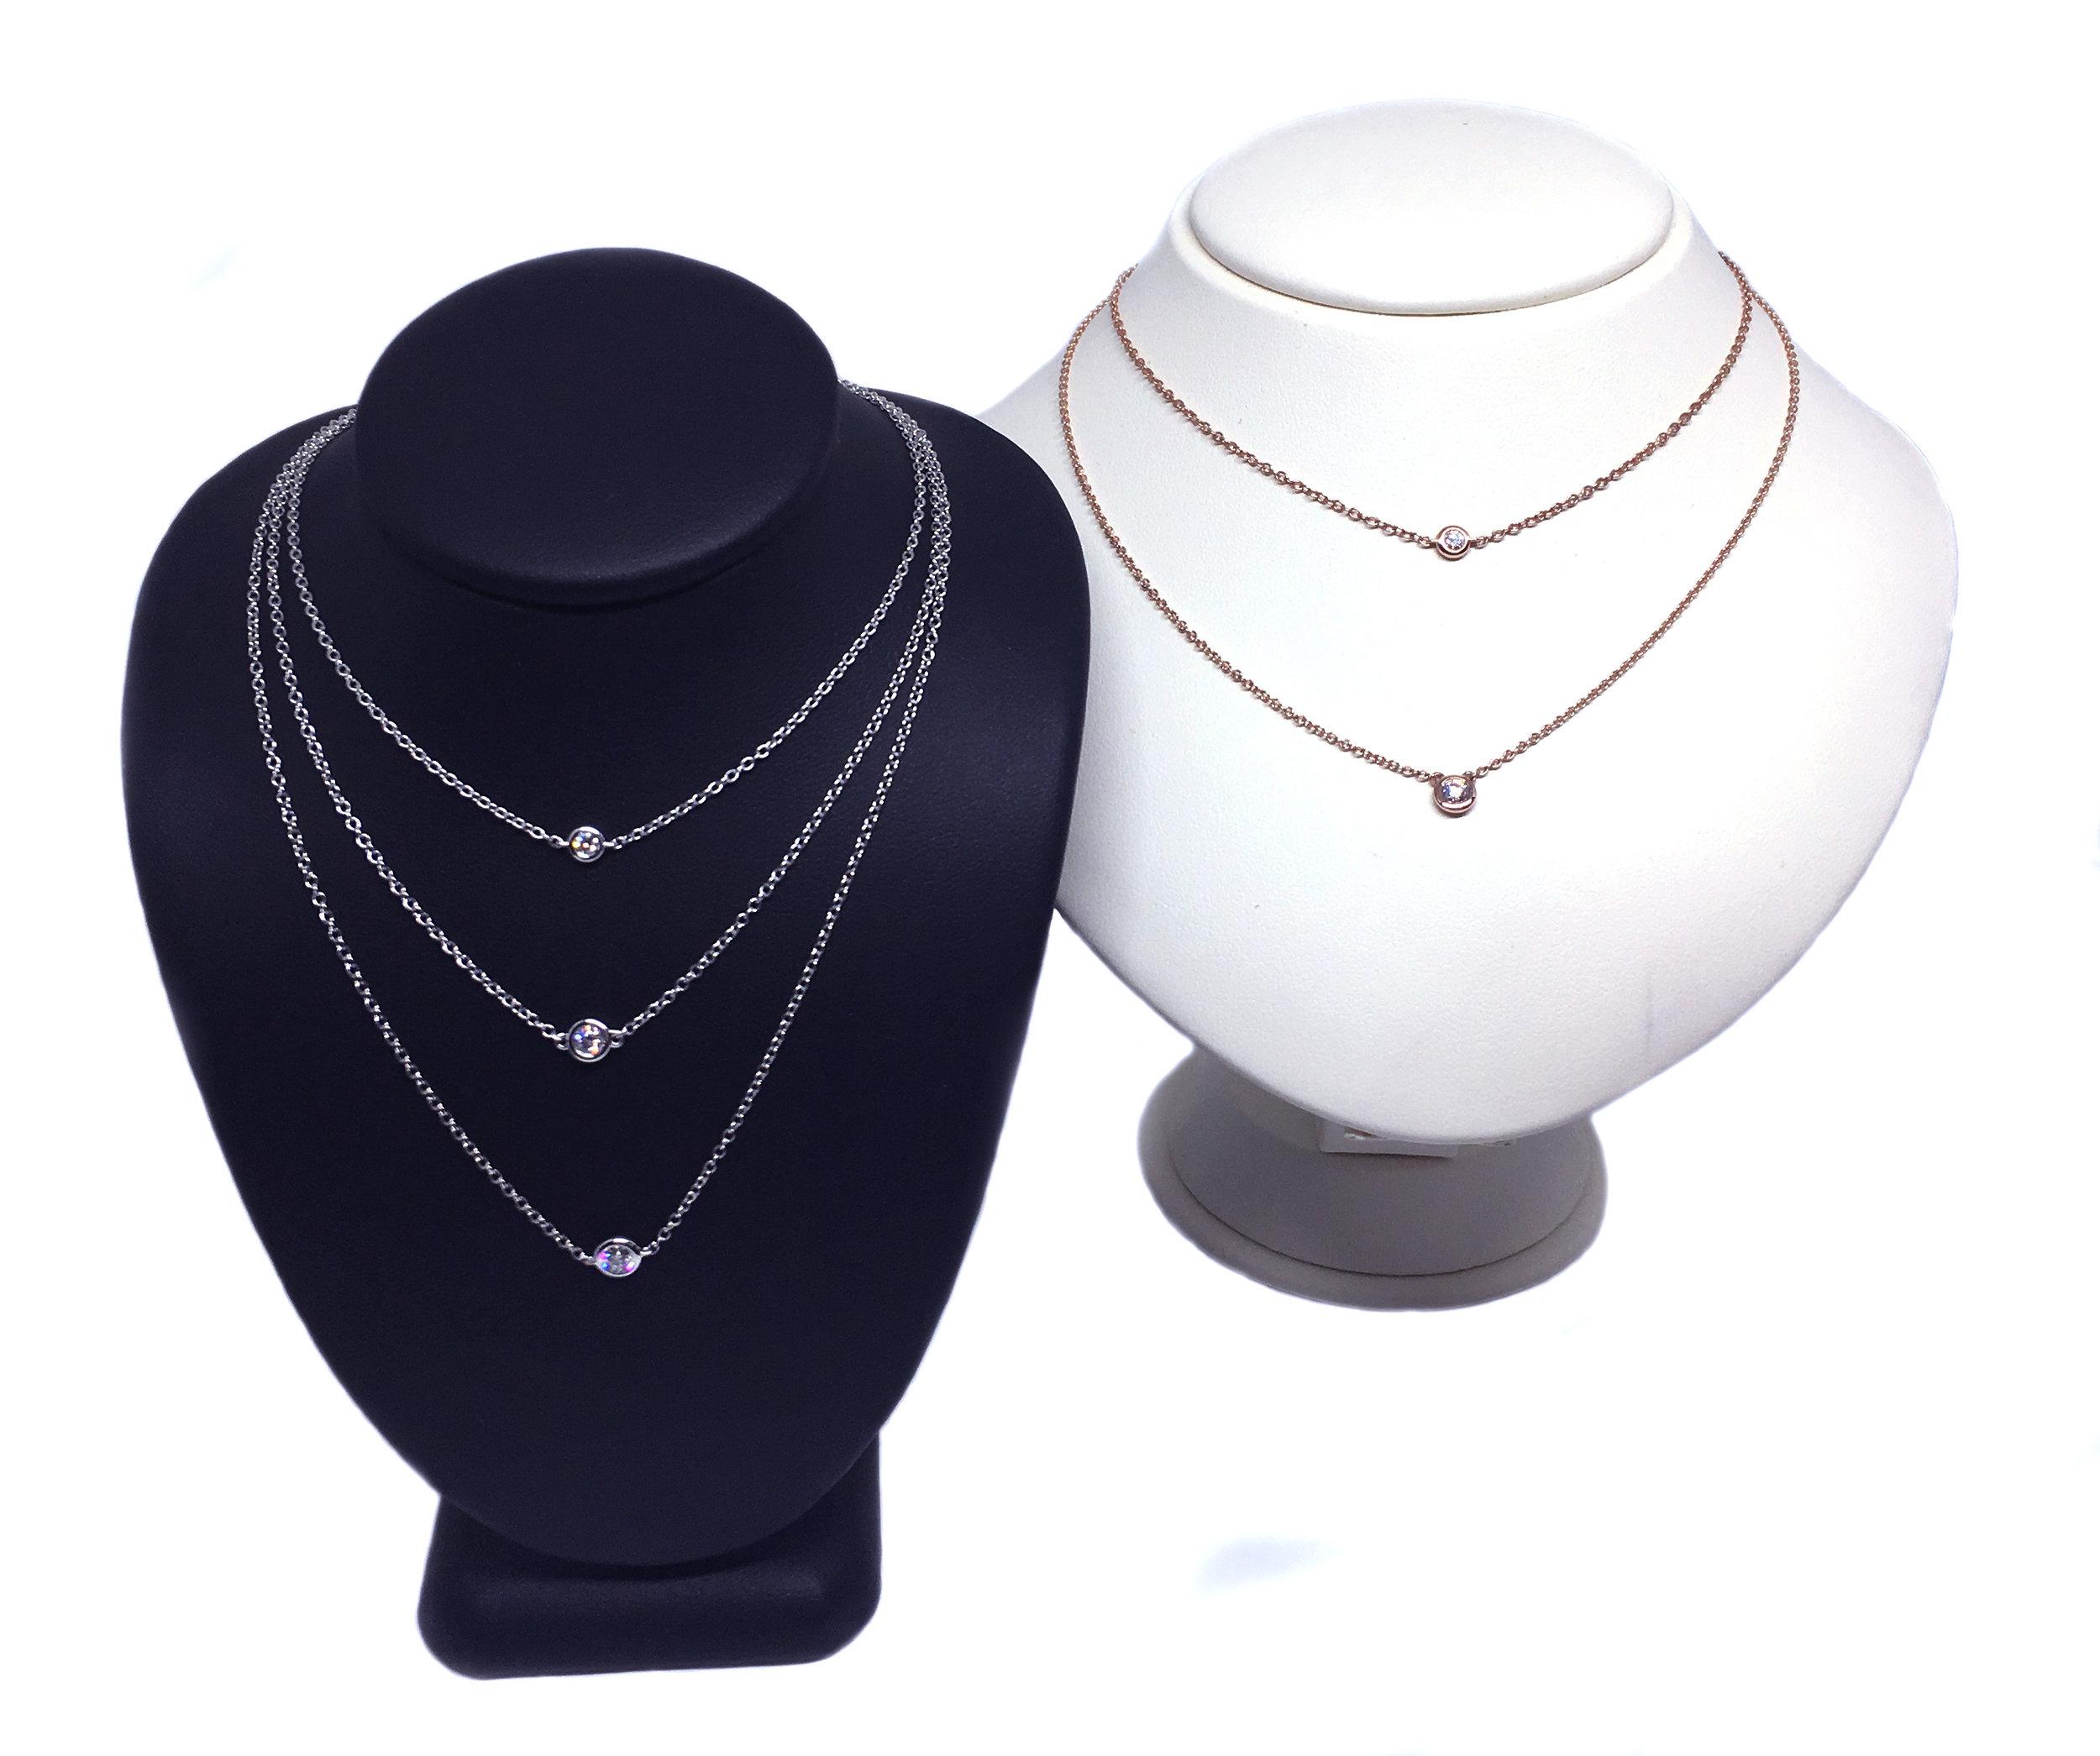 14K Gold Solitaire Diamond Necklaces